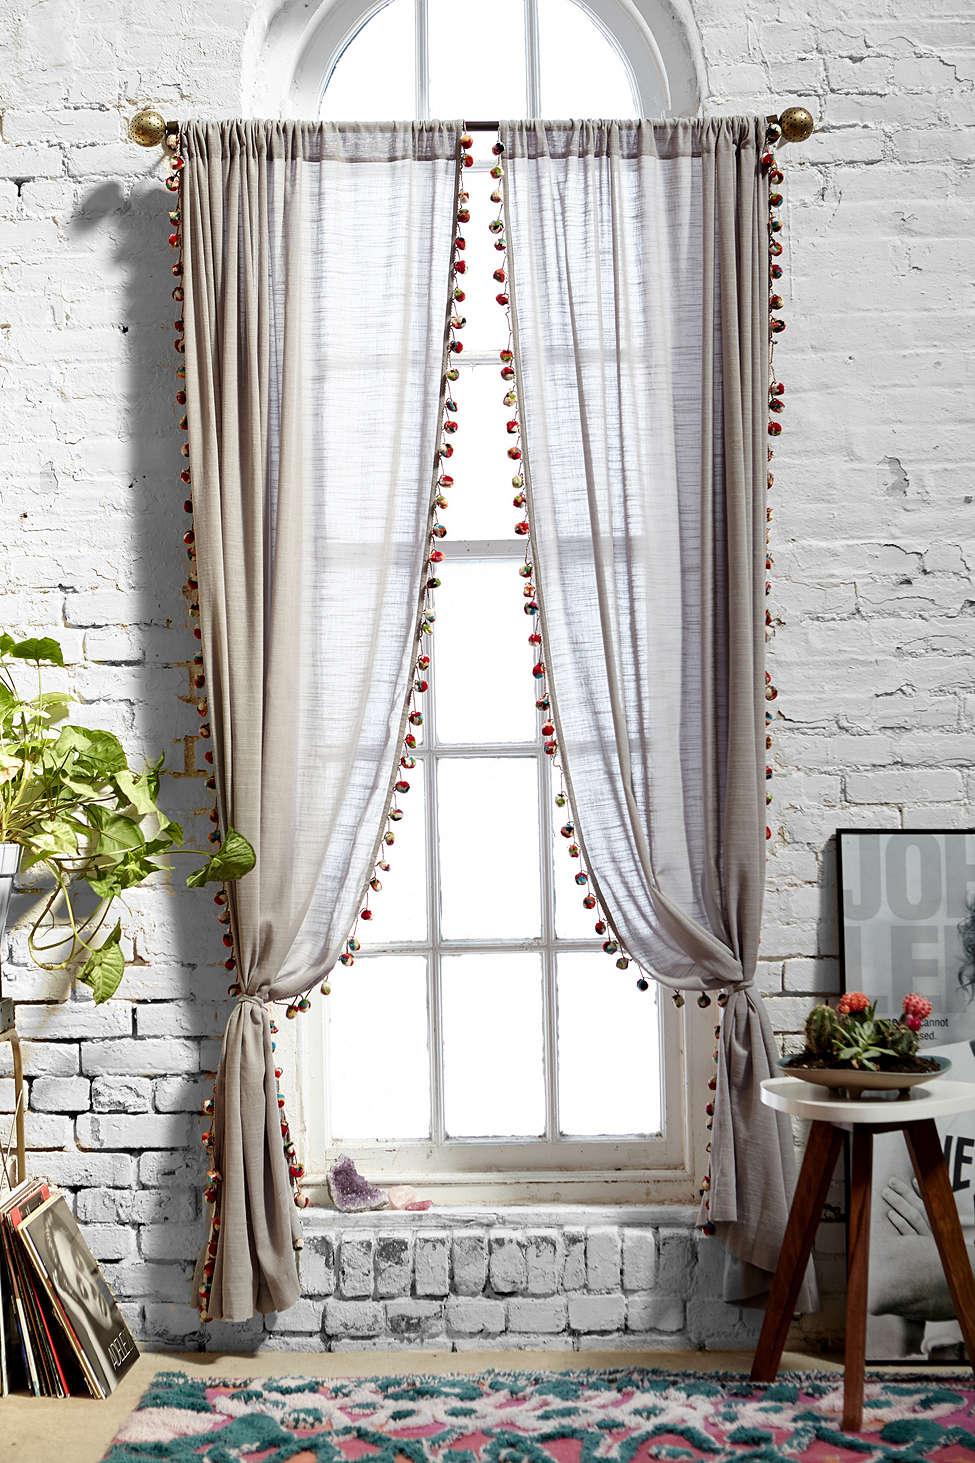 Стоит ли покупать шторы из льна: плюсы и минусы | плюсы и минусы